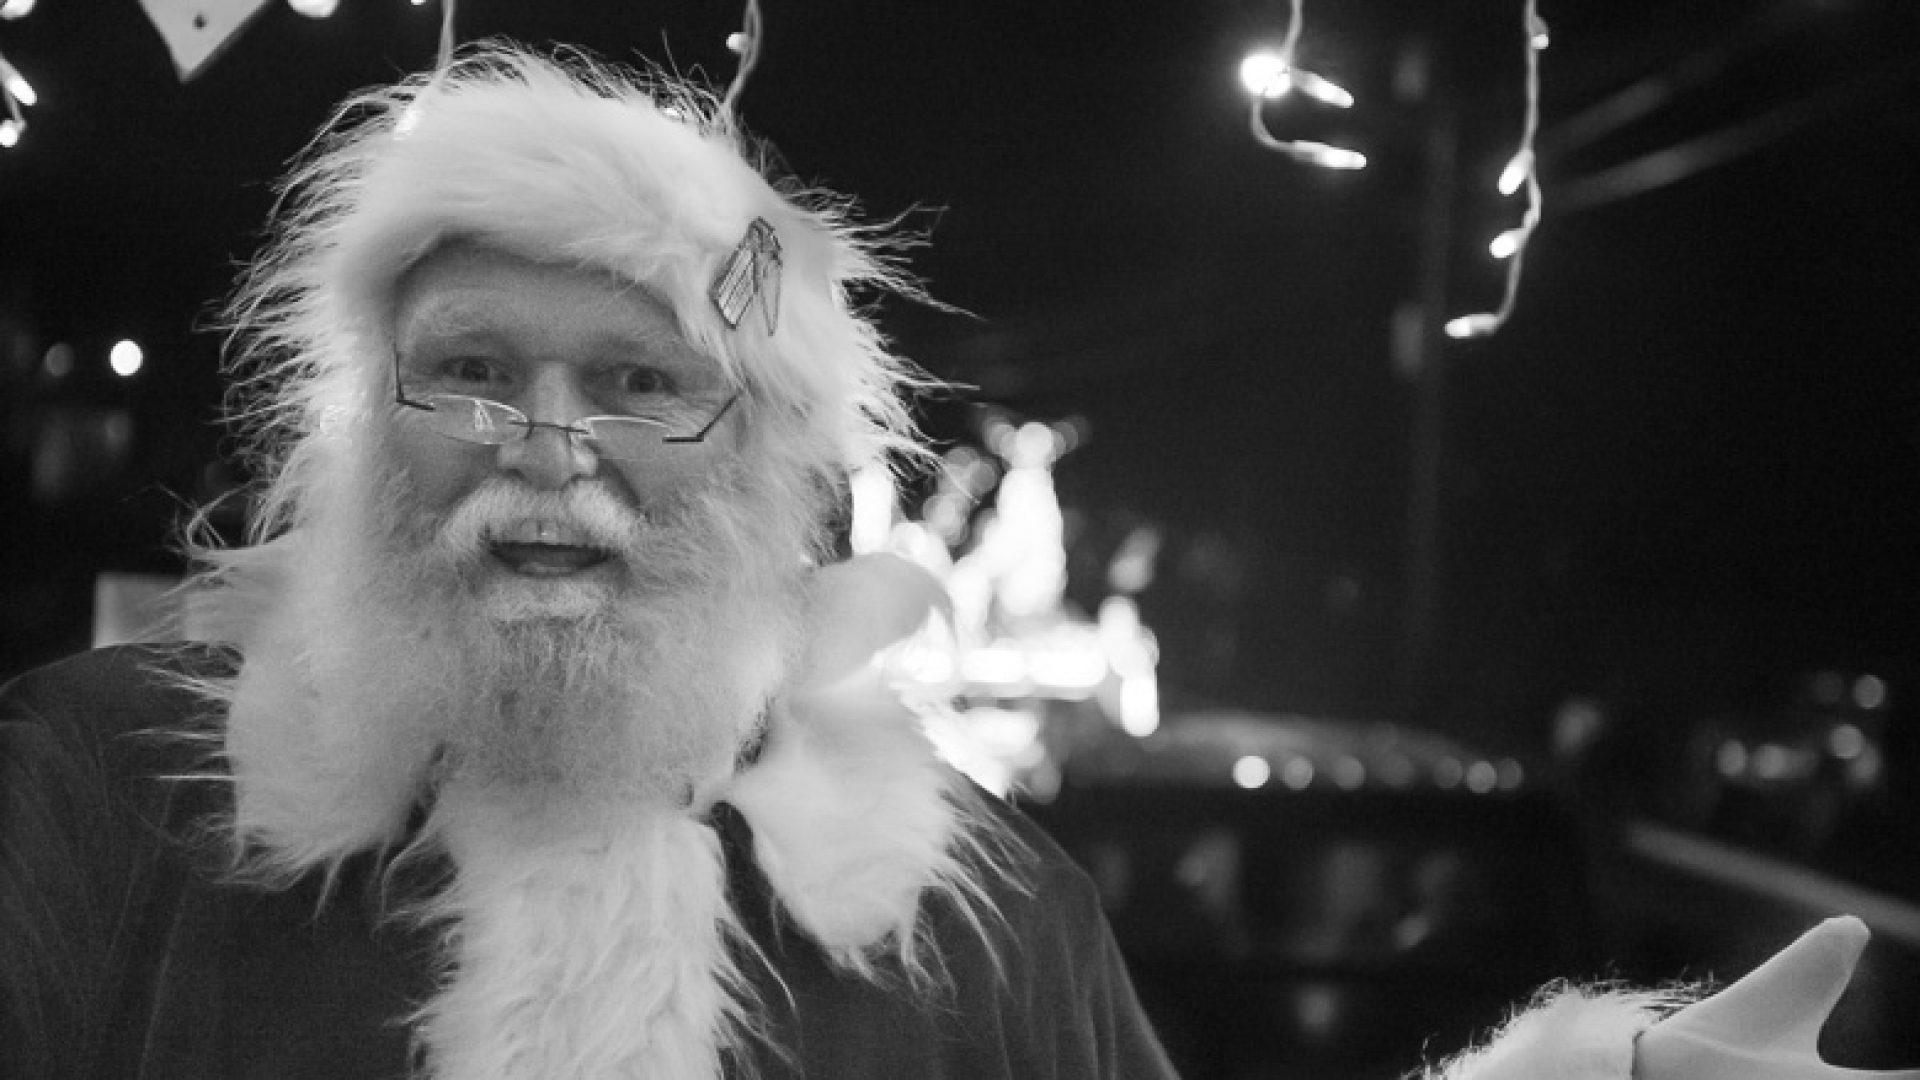 Santa Gerry